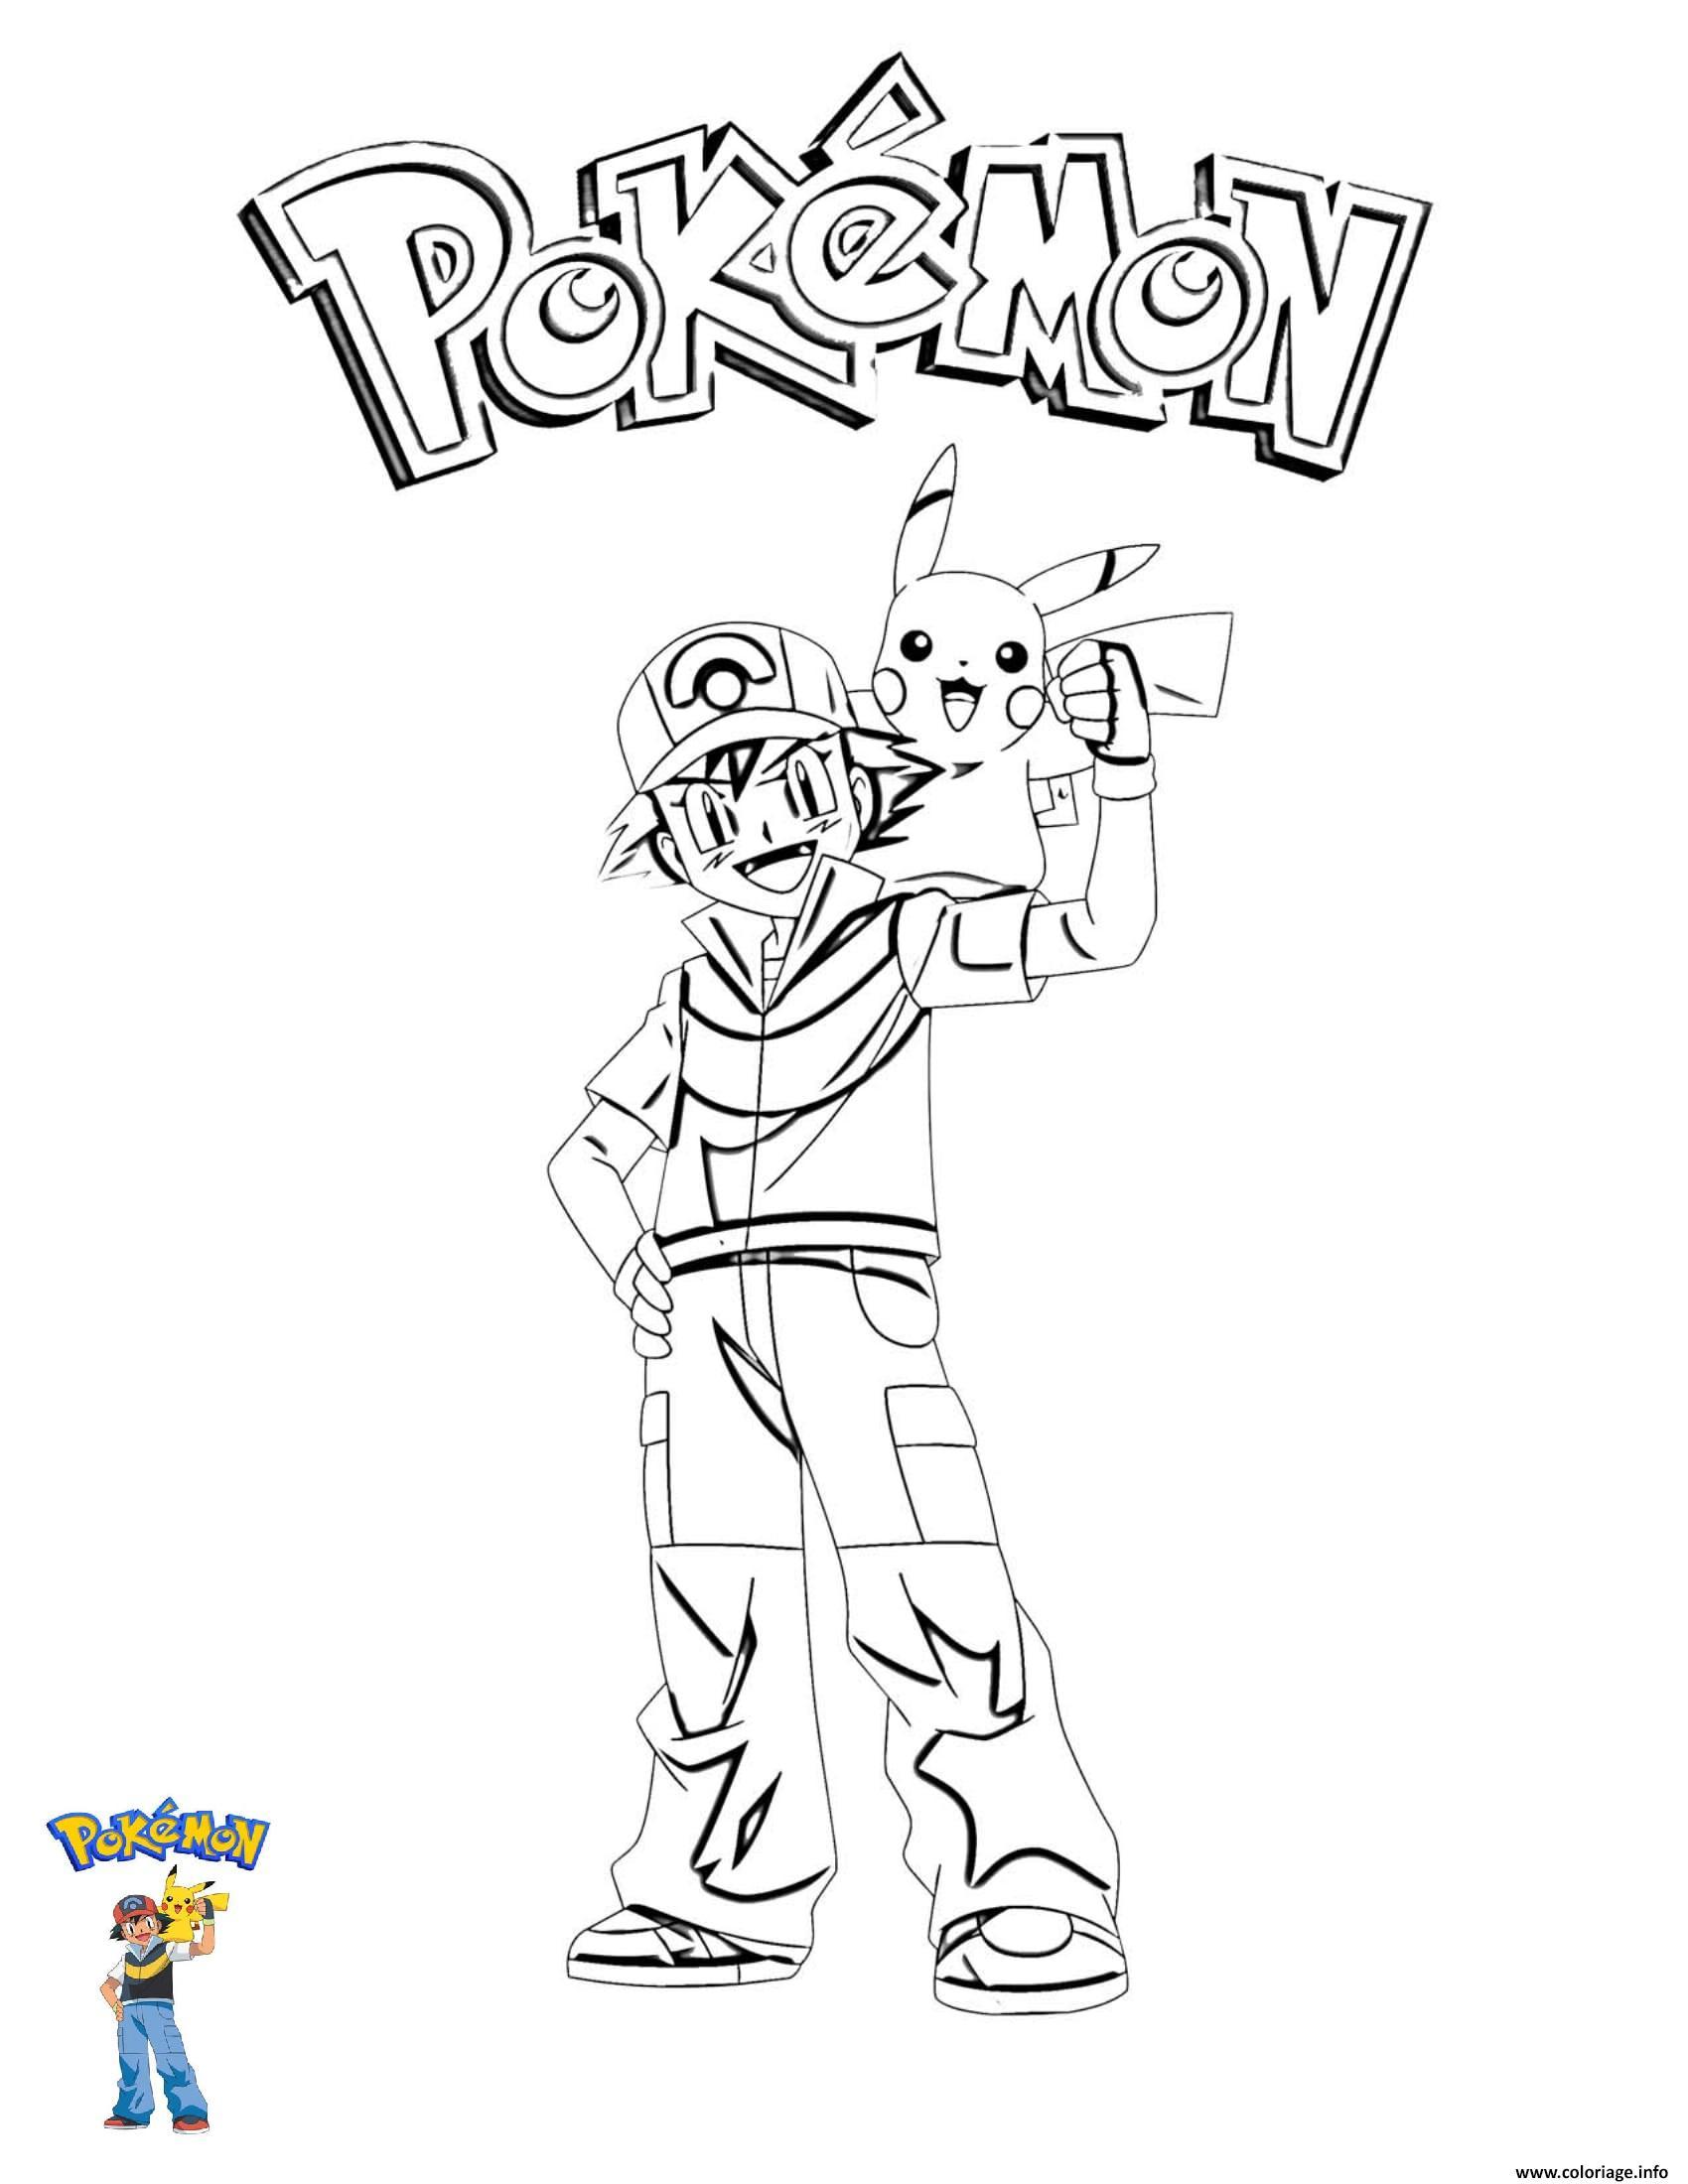 Dessin 3 Ash and Pikachu Pokemon Coloriage Gratuit à Imprimer